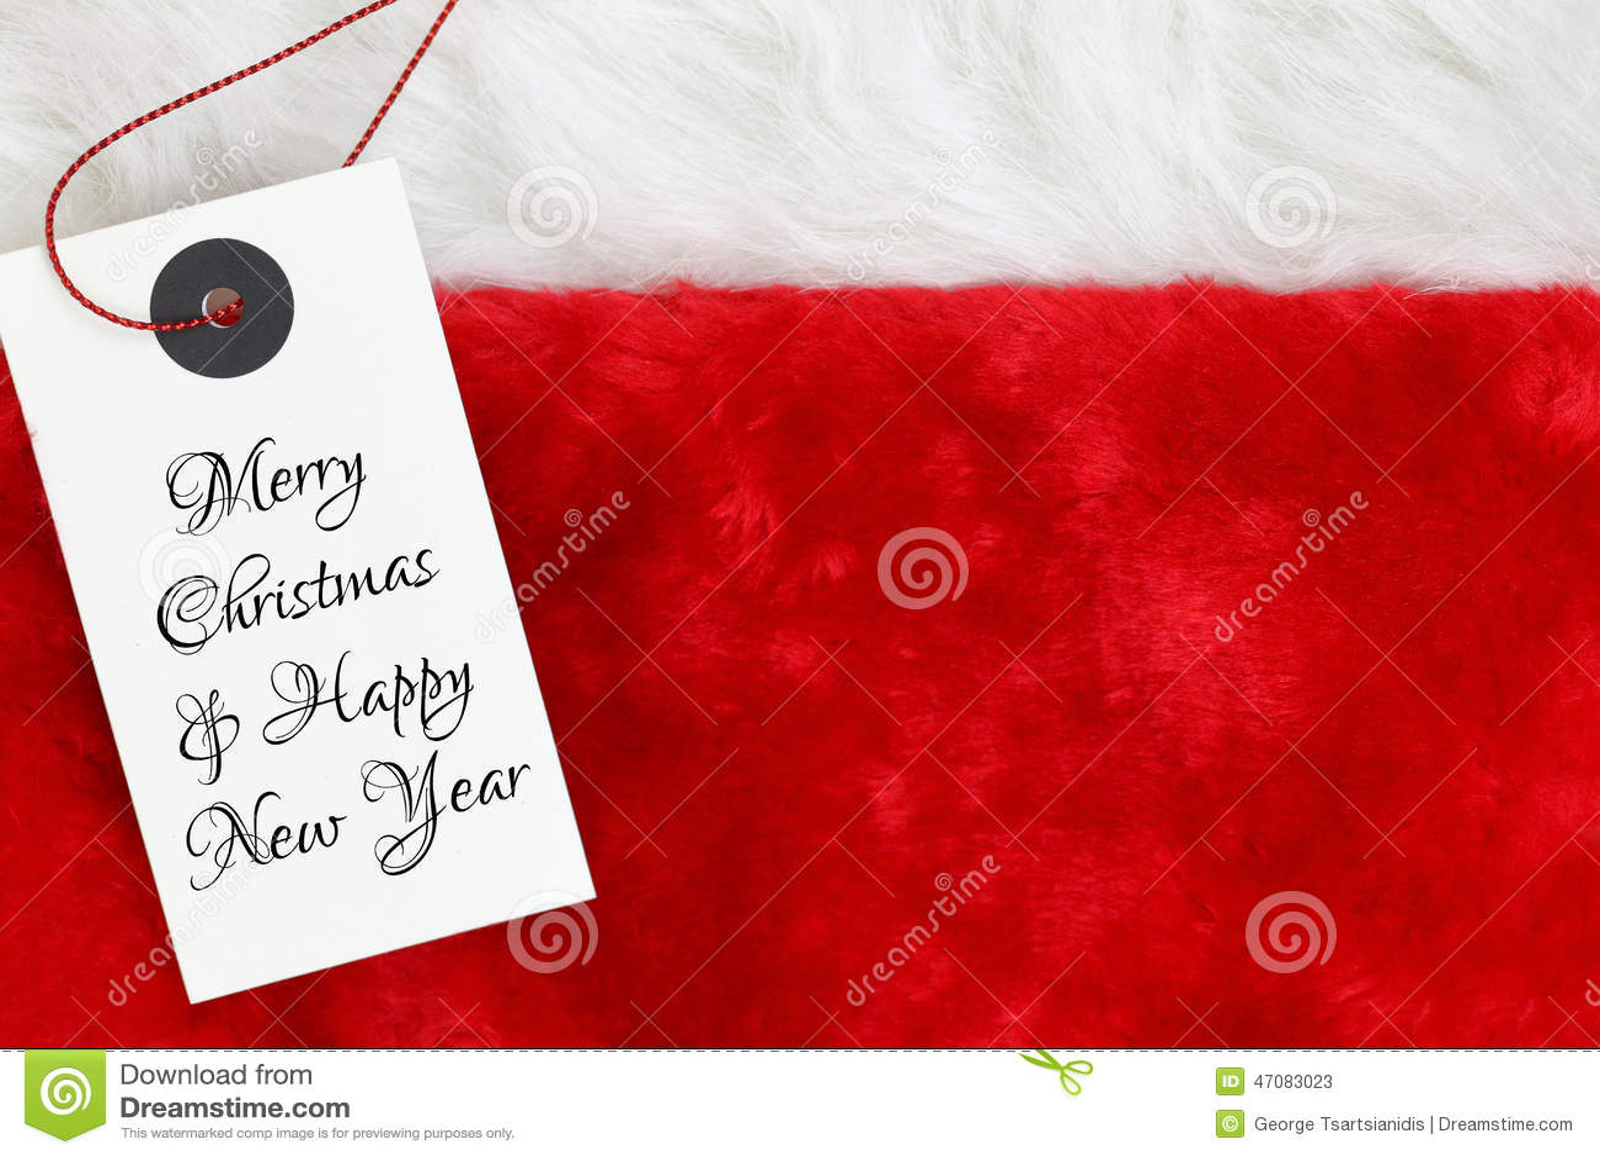 Deseos de la navidad foto de archivo imagen 47083023 - Deseos para la navidad ...